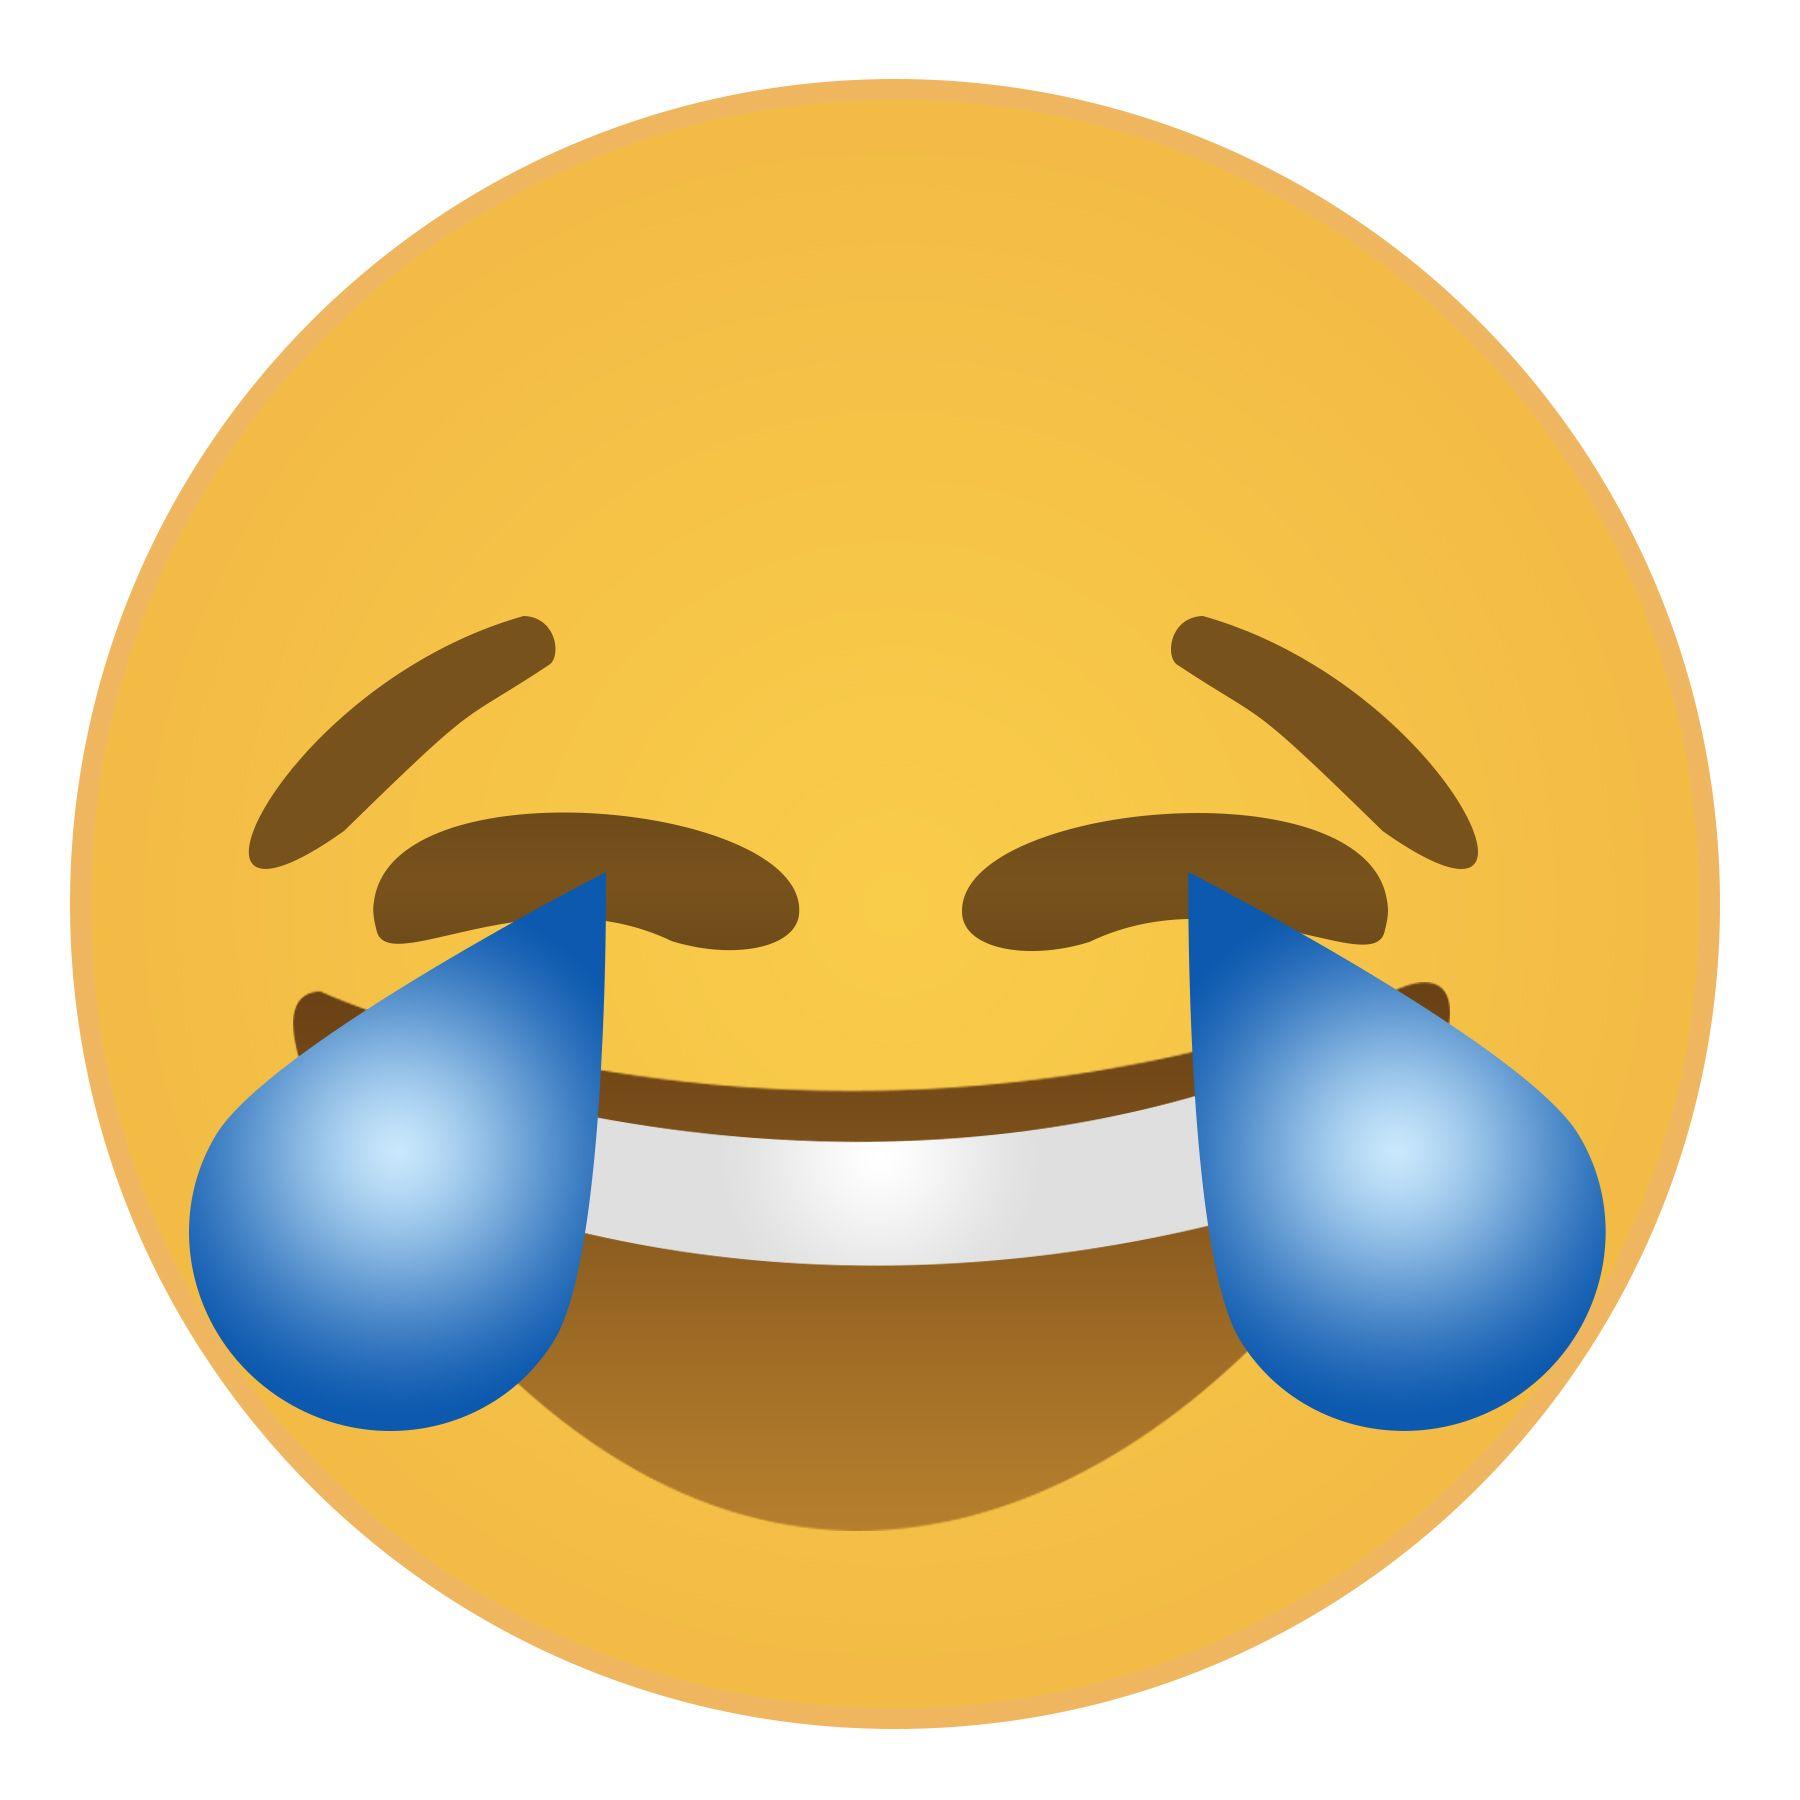 Emoji-laughing-tears-face-free-printable-2.jpg 1,800×1,800 pixels ...